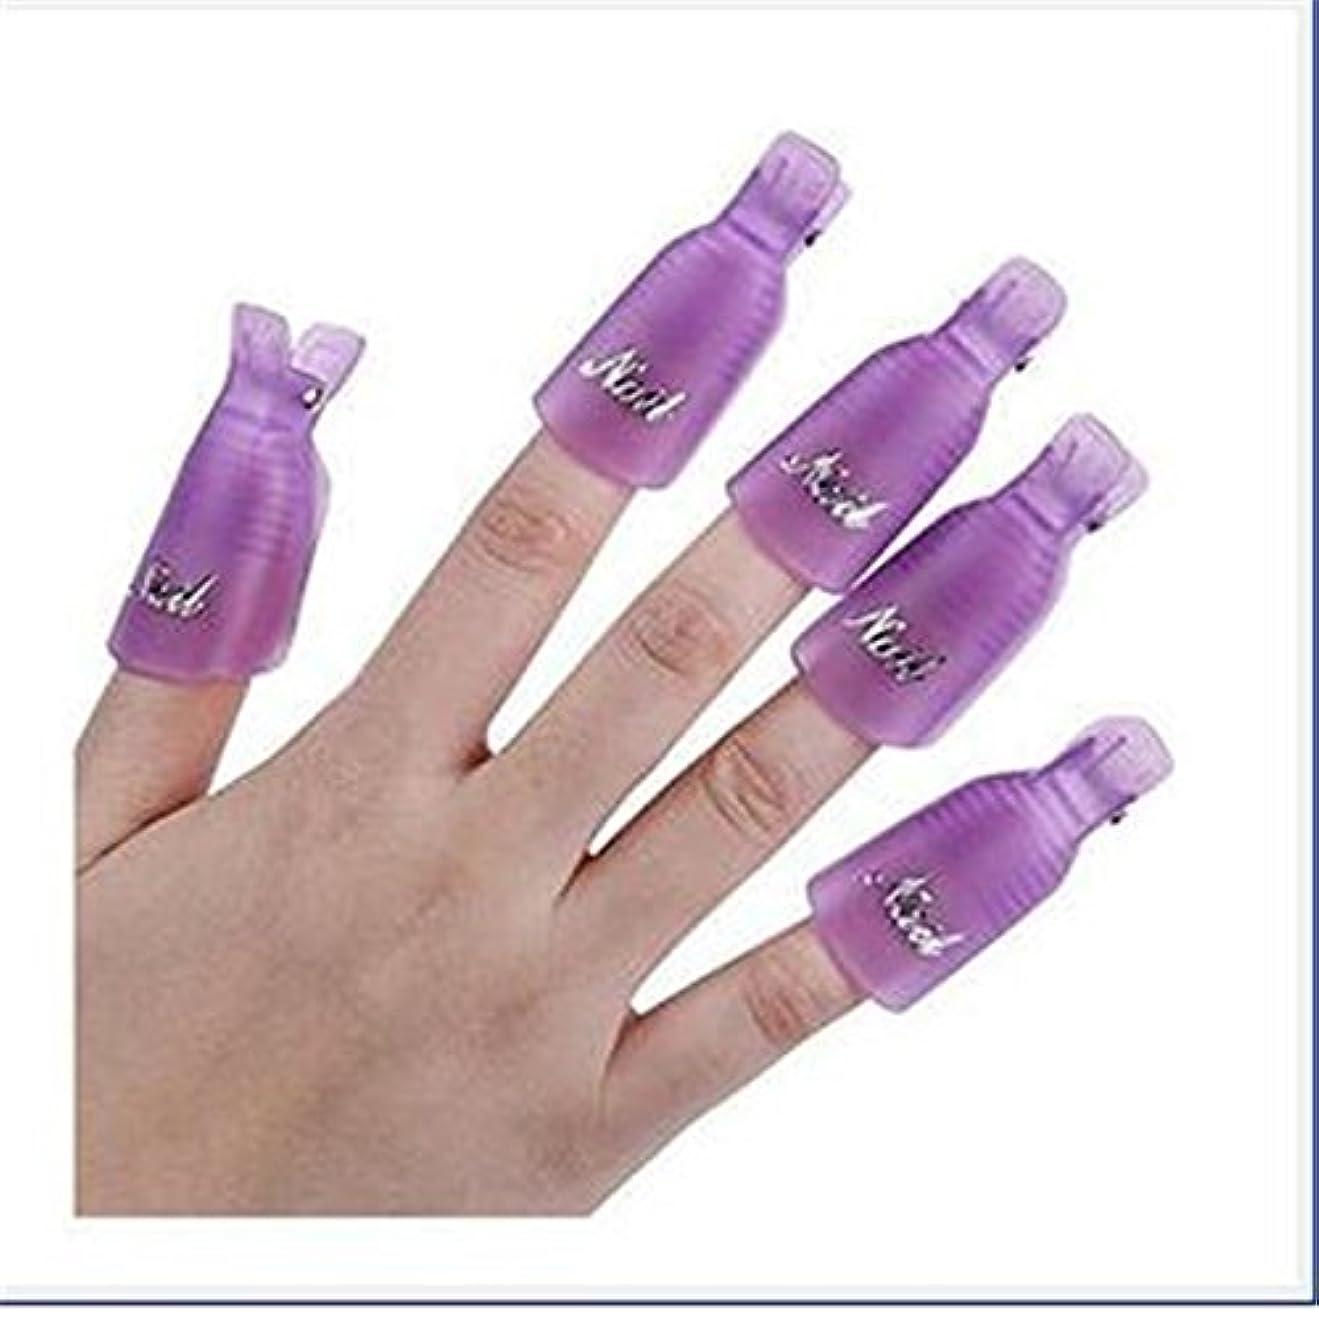 派生する予防接種するケントアクリル樹脂爪10が冷却され、取り外し可能なクリップキャップUVポリッシュリムーバージェルは、紫色のパッケージを包ん